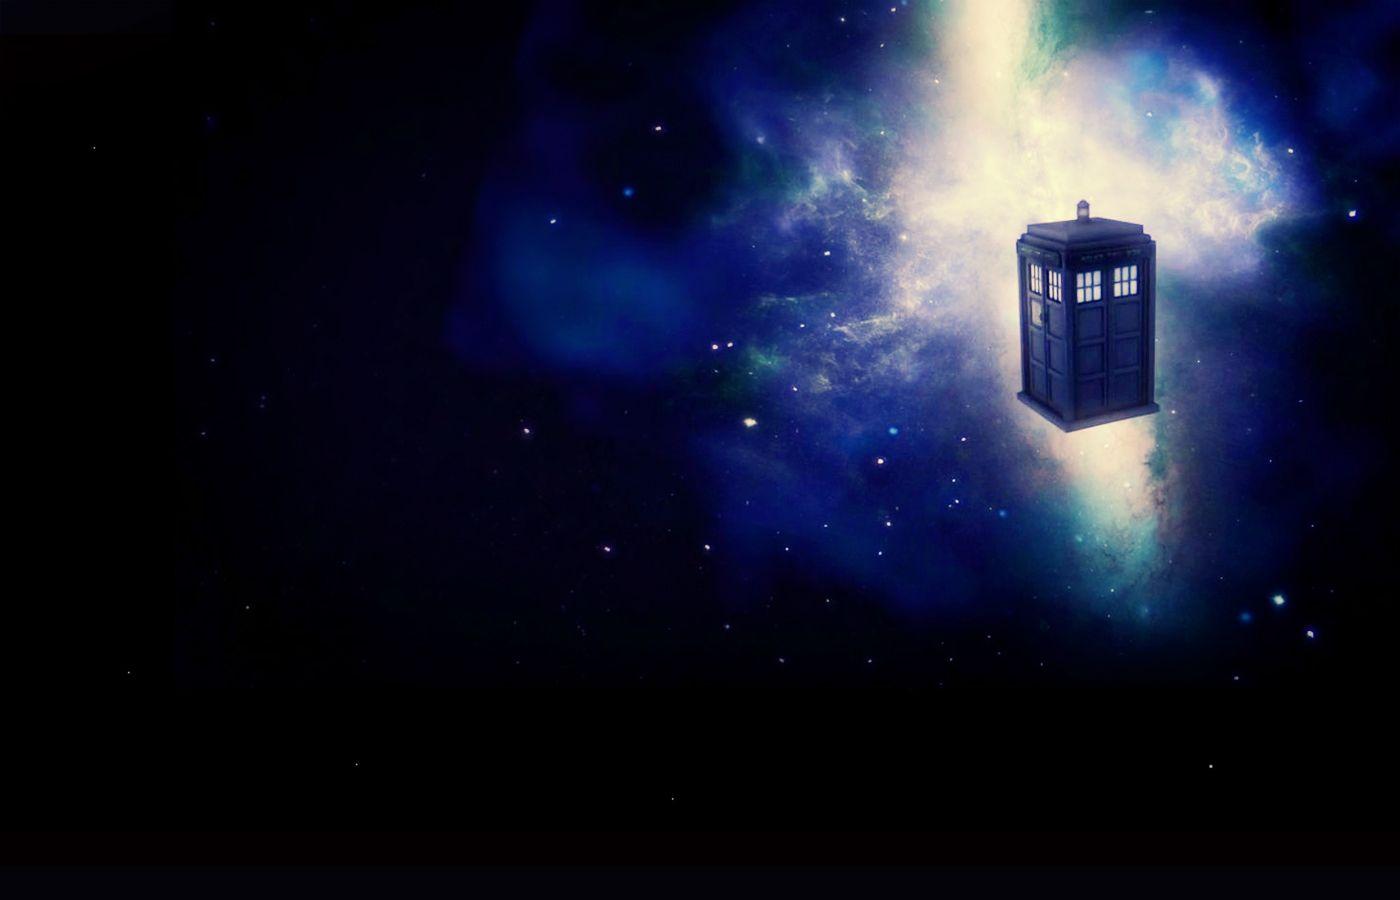 Alice In Wonderland Wallpaper Quotes Doctor Who Tardis Wallpaper Tardis Doctor Who Abstract